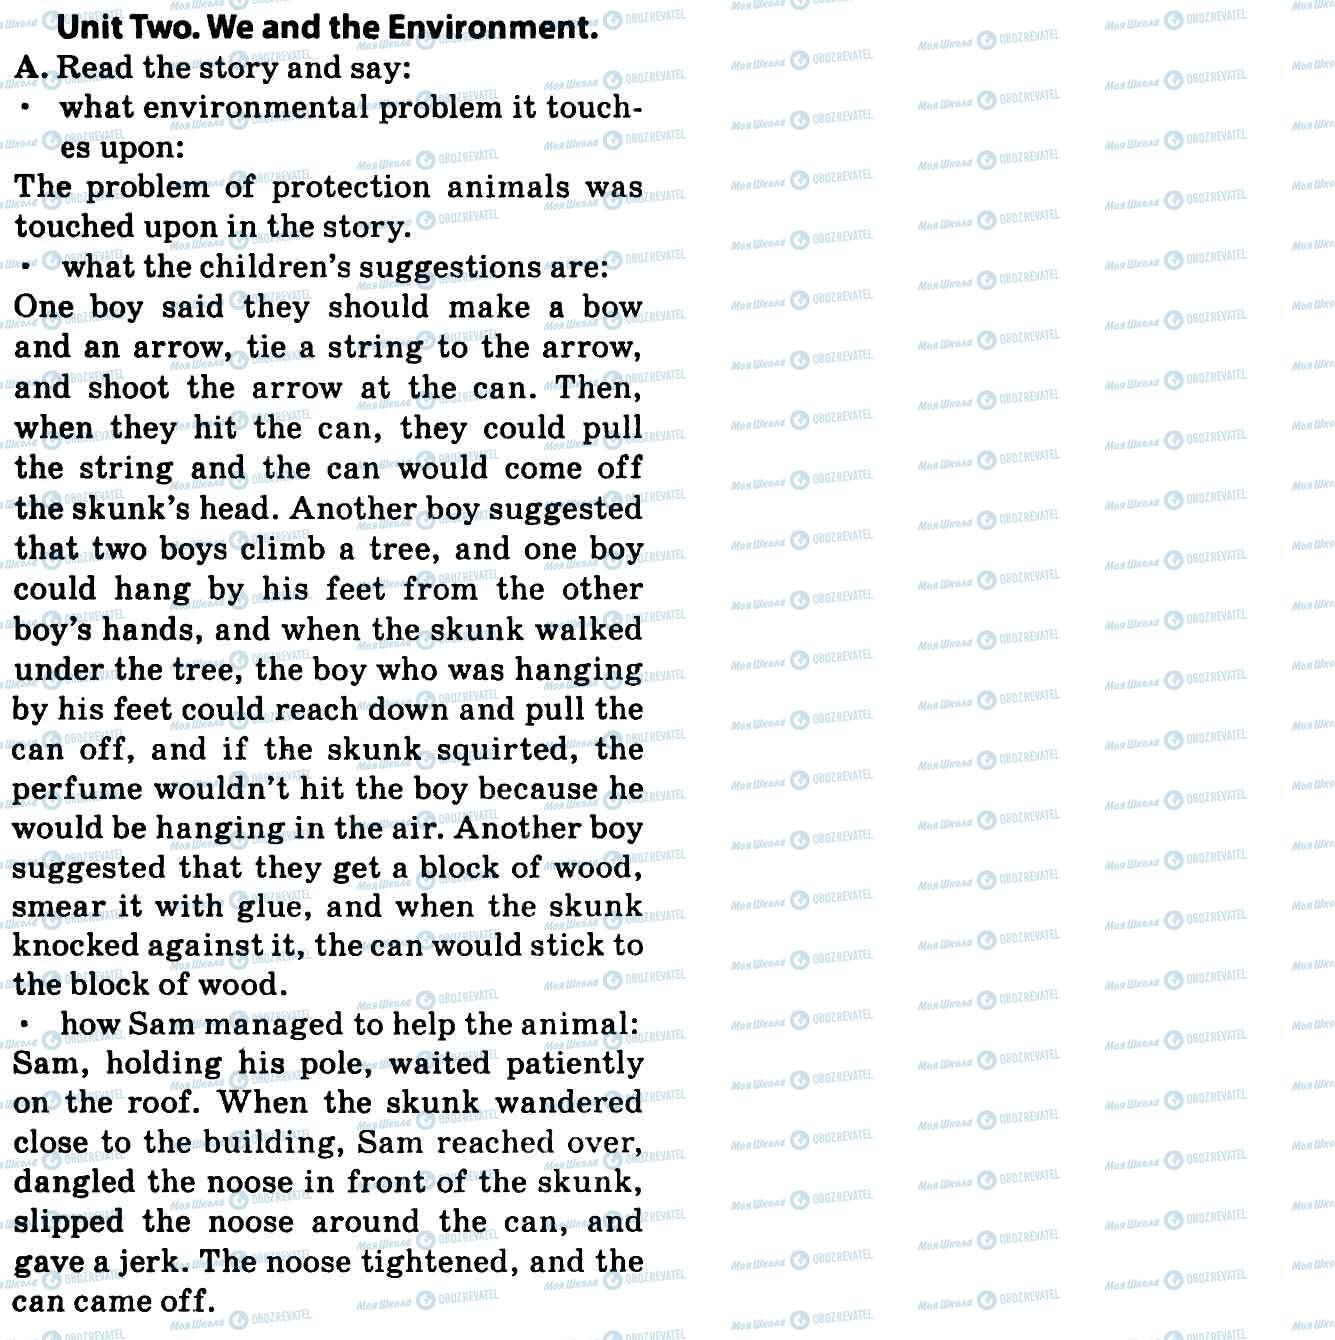 ГДЗ Англійська мова 9 клас сторінка We and the Environment